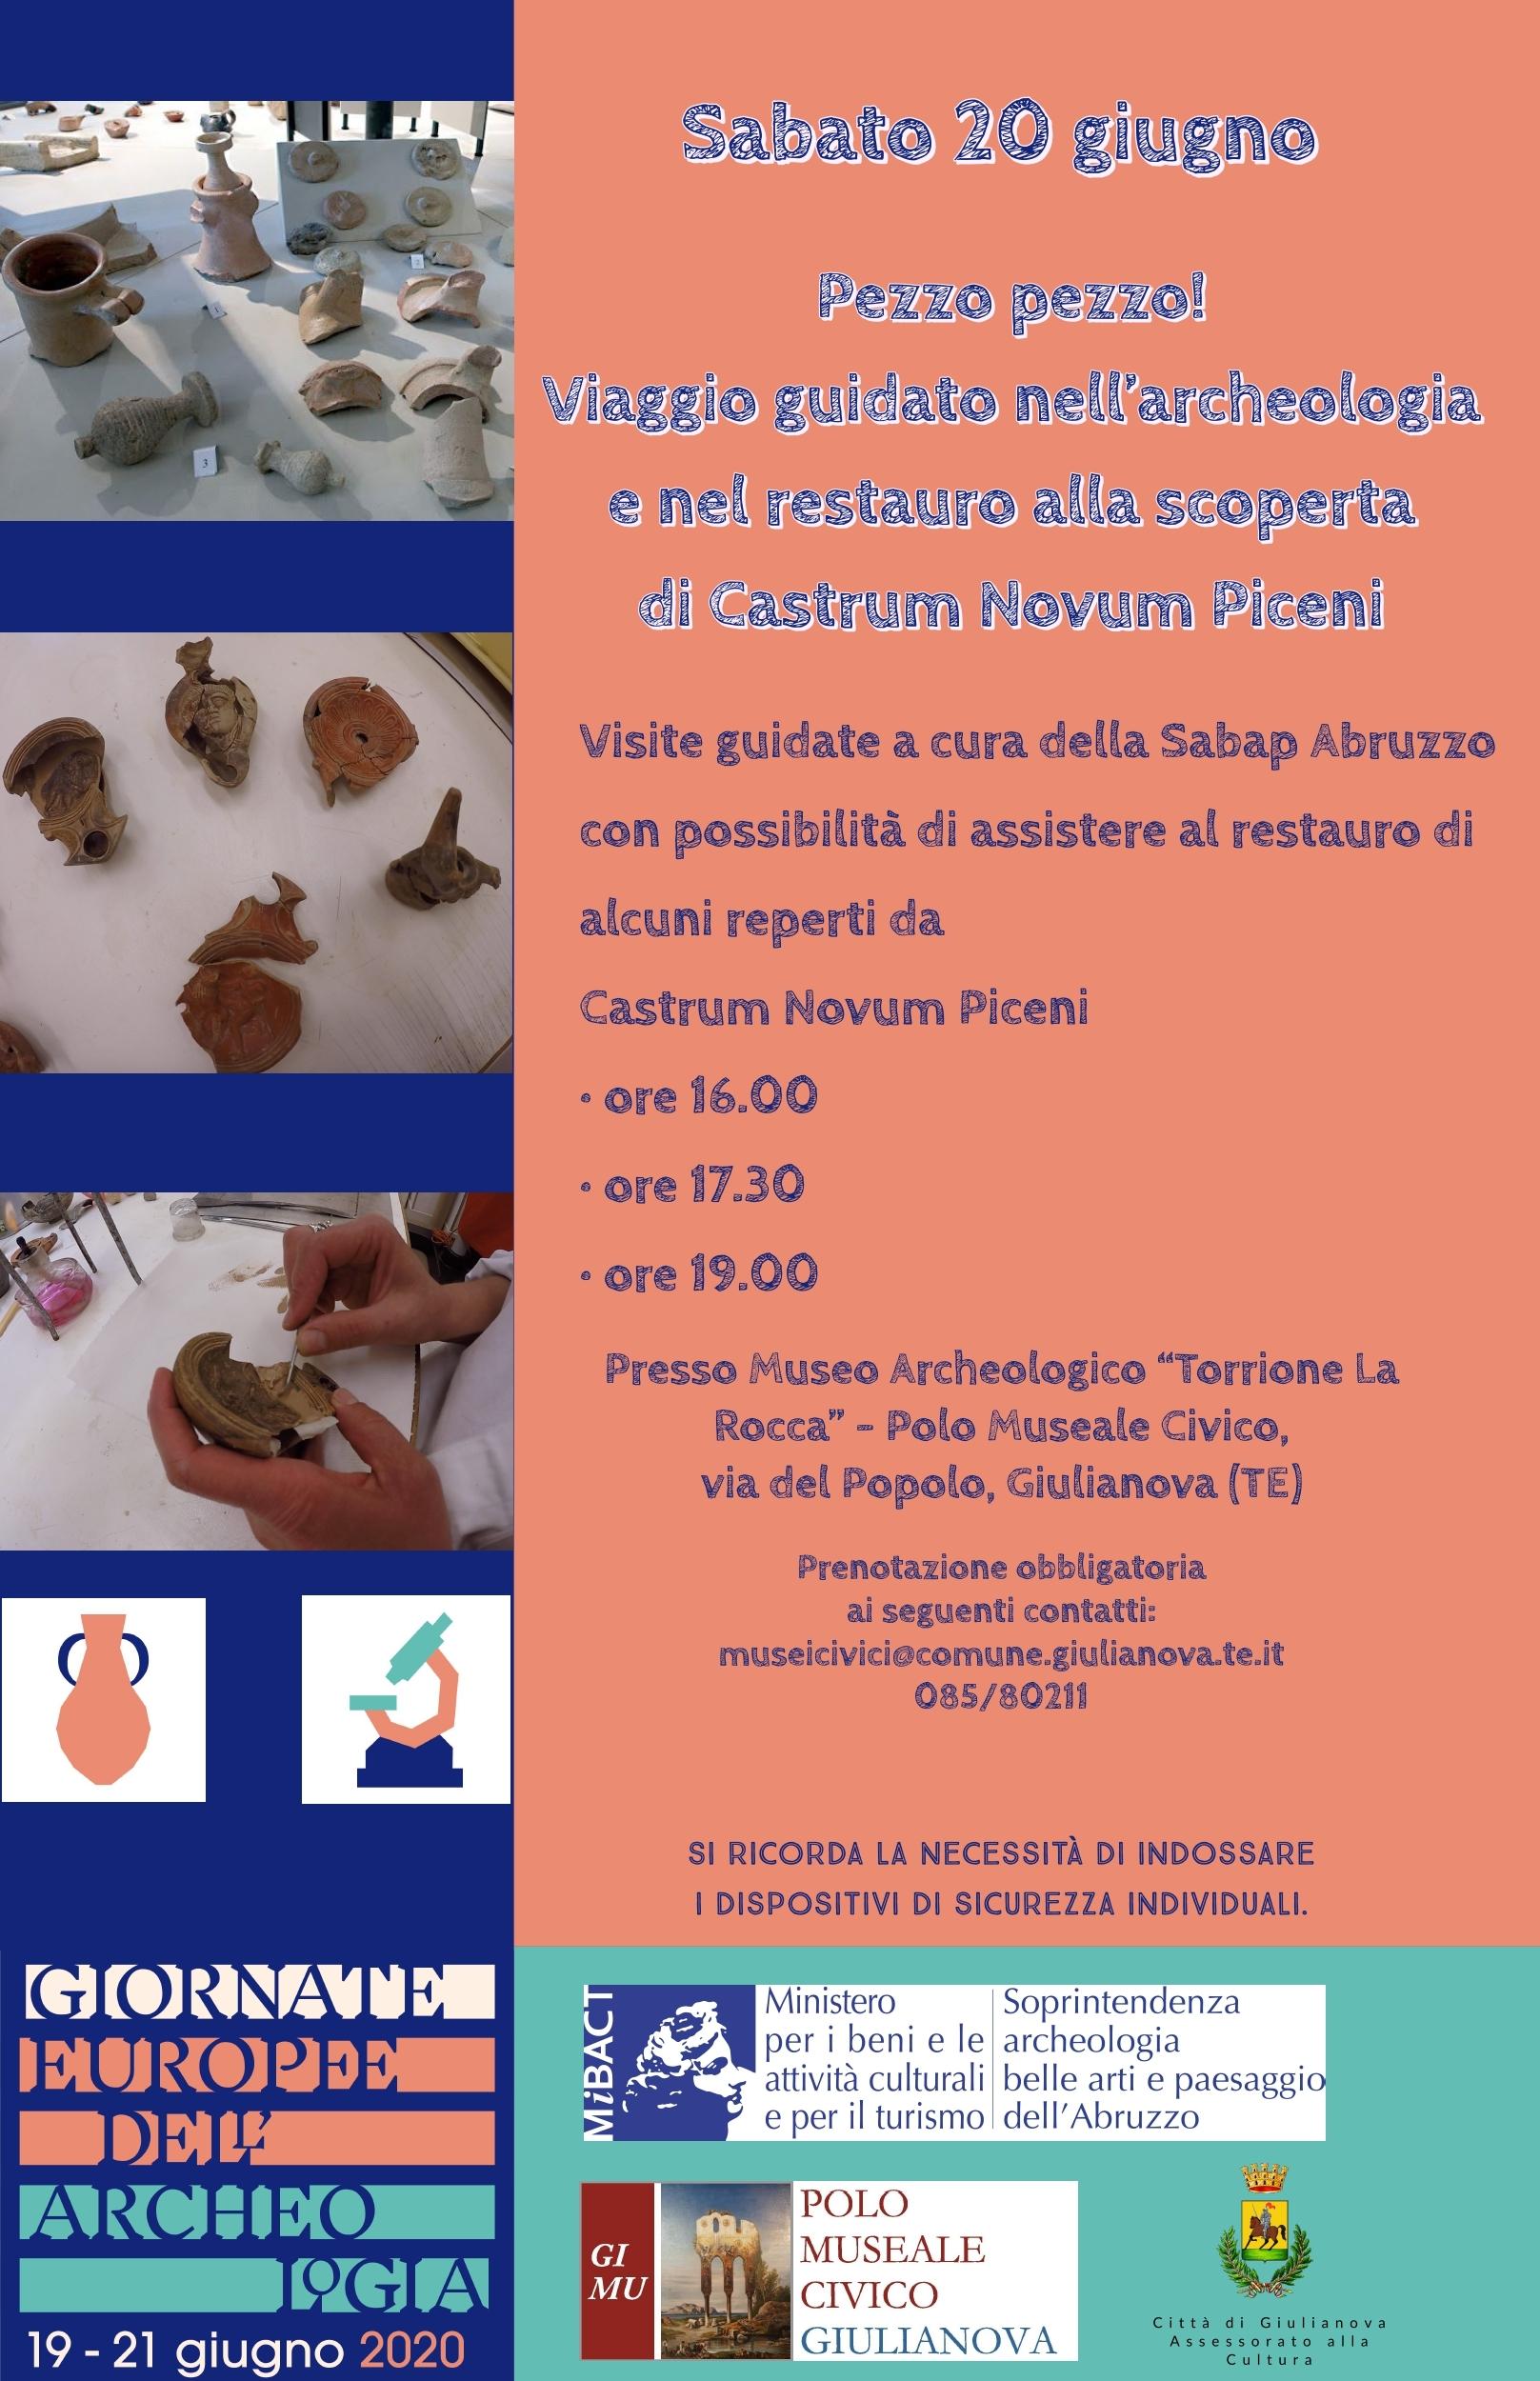 Sabato 20 giugno anche il Polo Museale Civico di Giulianova partecipa alle Giornate Europee dell'Archeologia